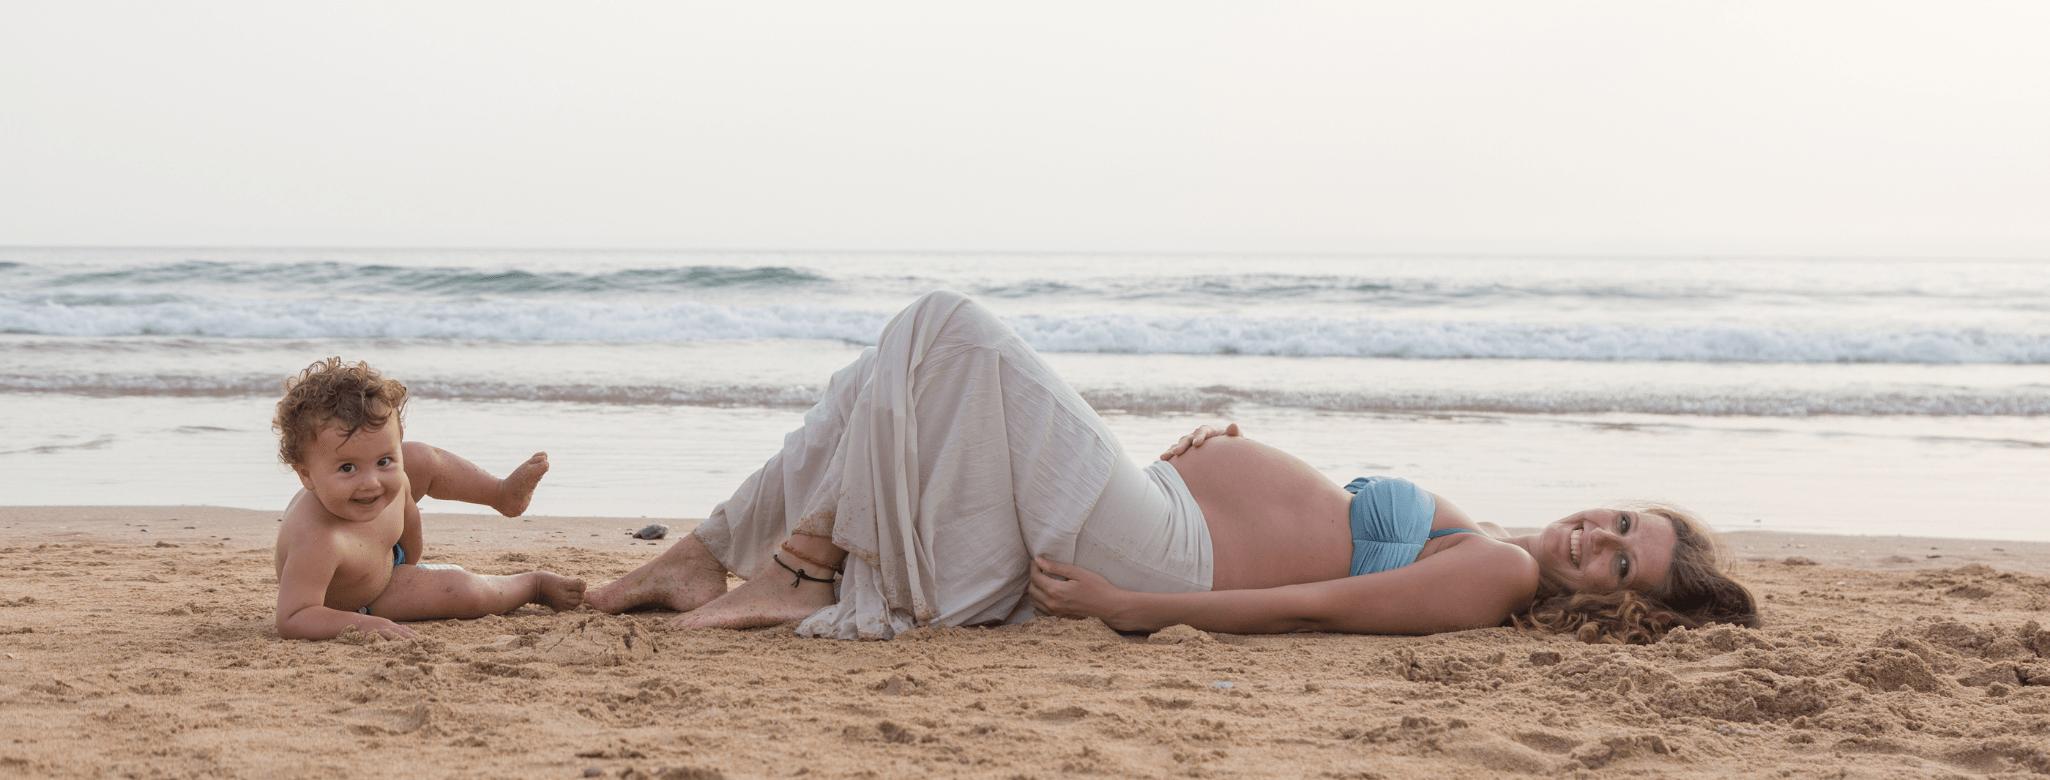 Lato z brzuszkiem – czyli jak cieszyć się ciepłymi dniami będąc w ciąży